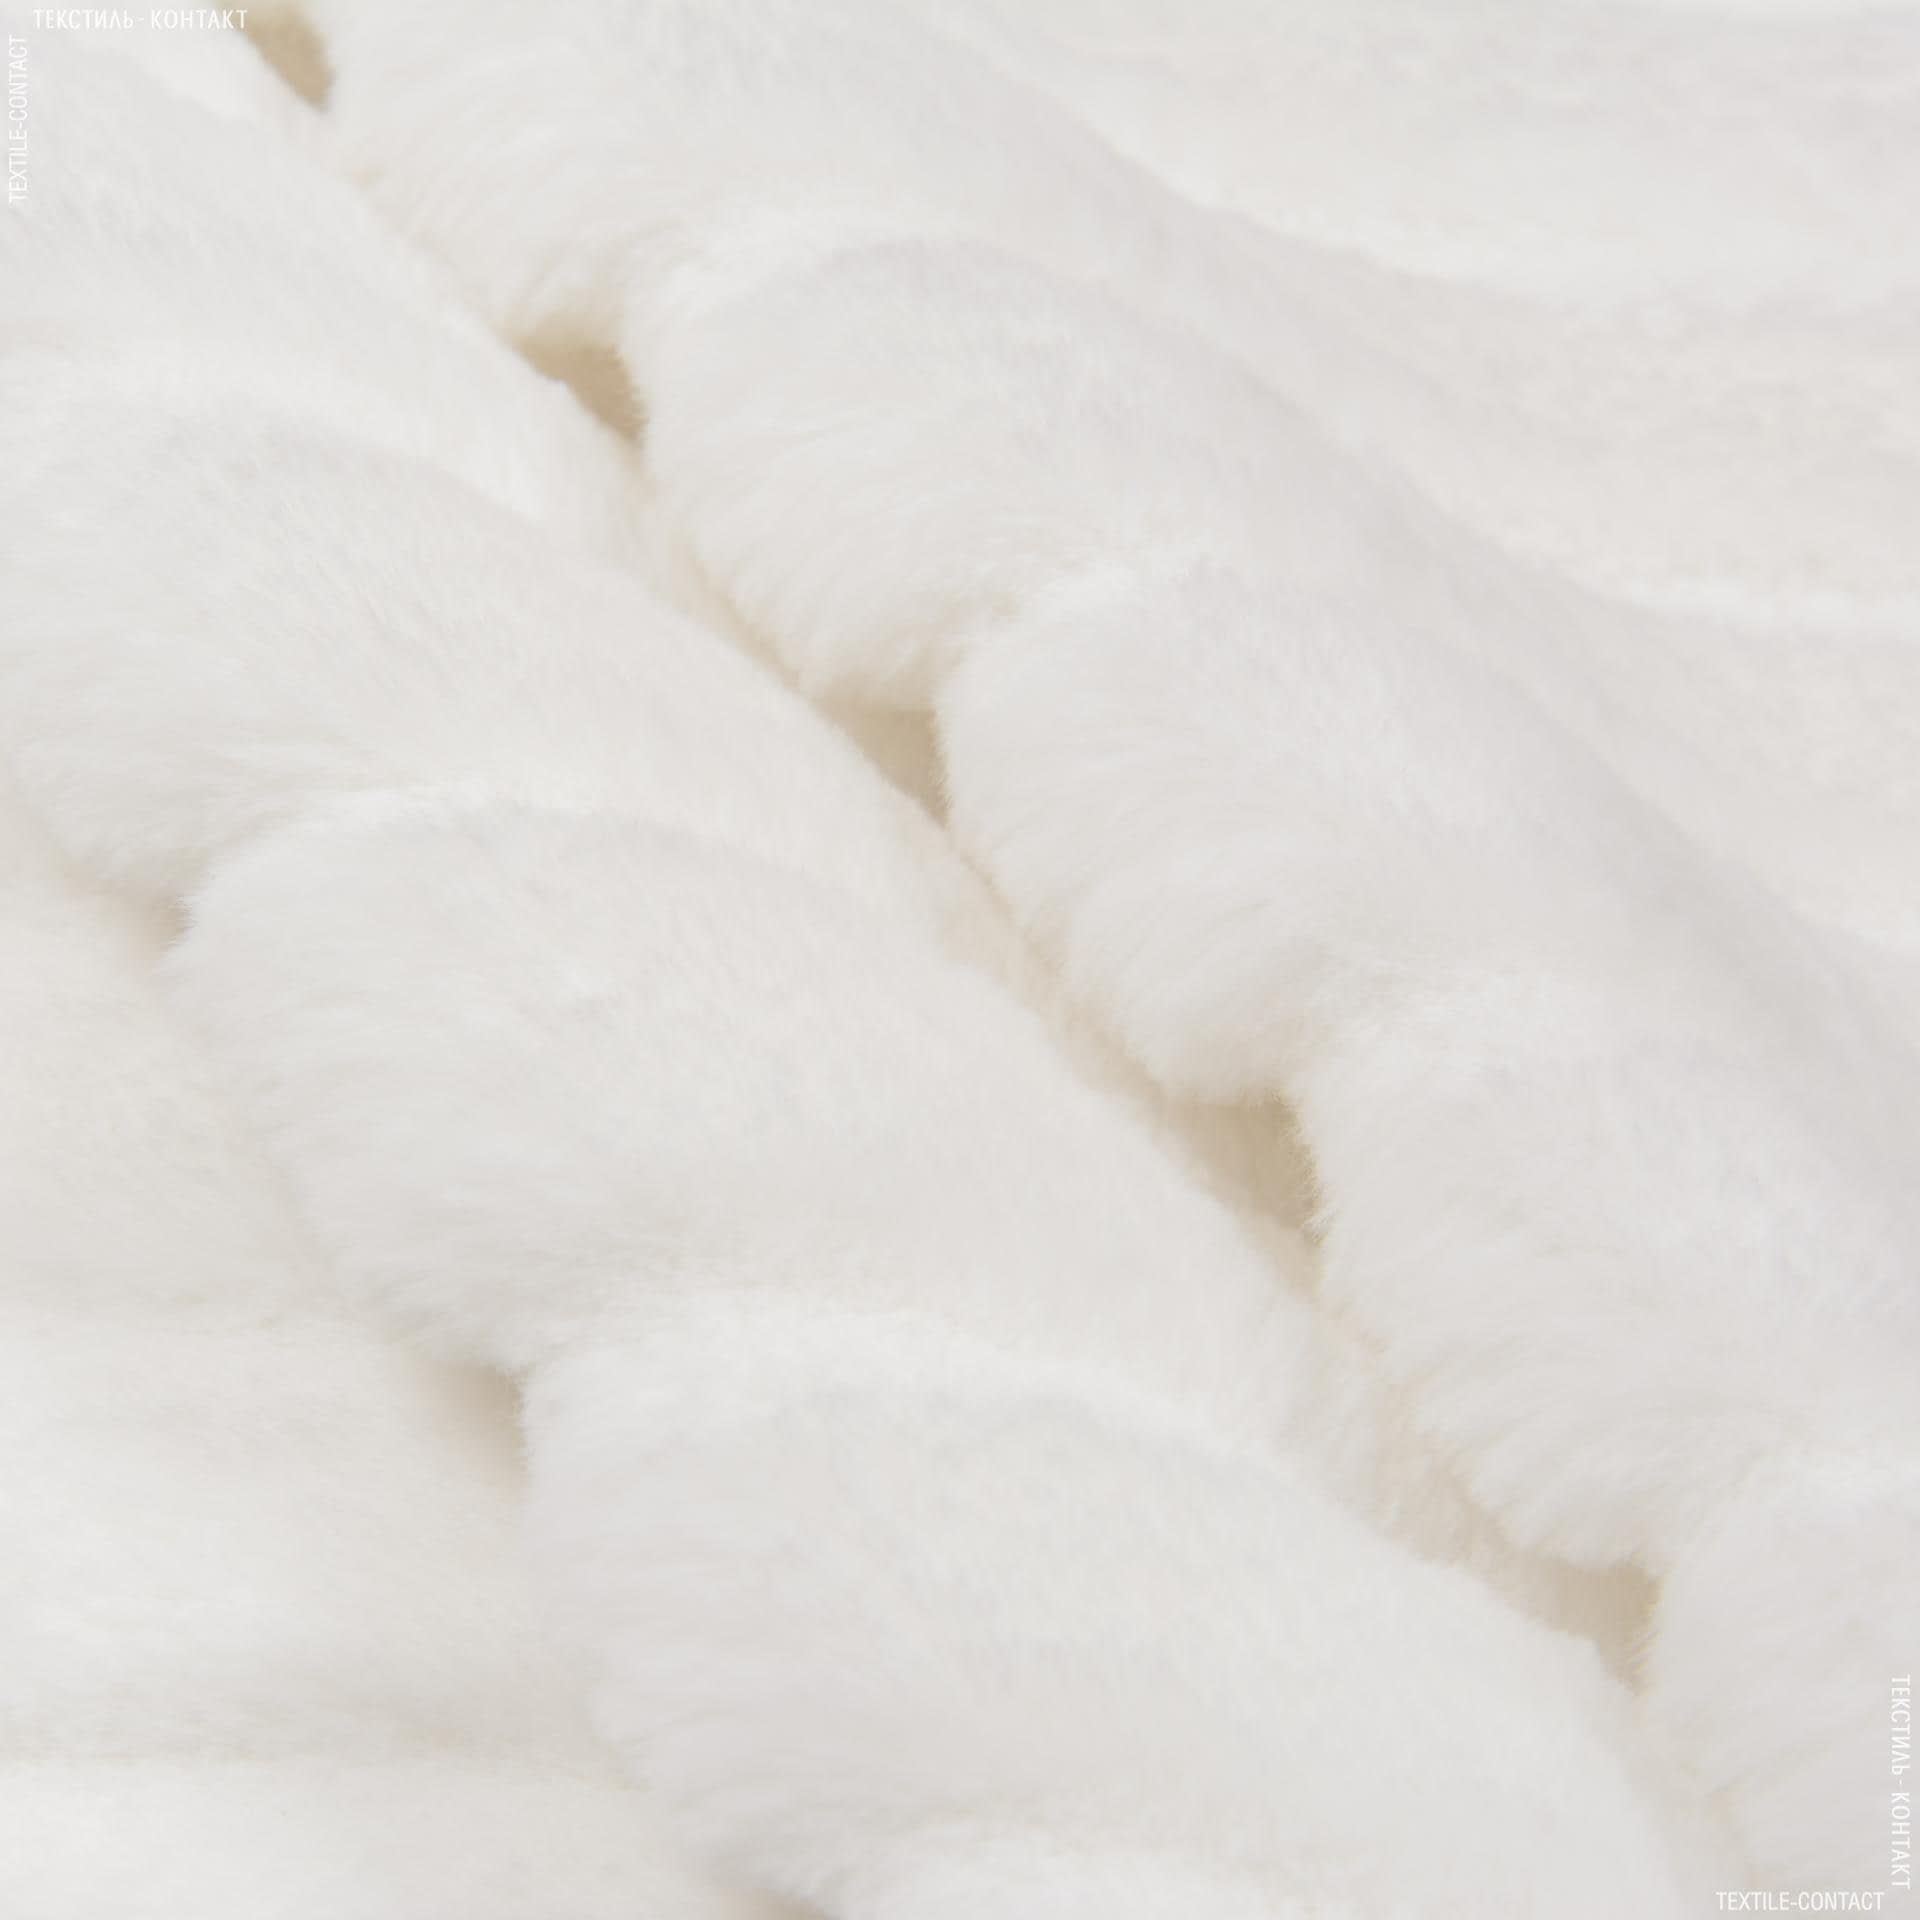 Ткани для верхней одежды - Мех шубный полоска белый